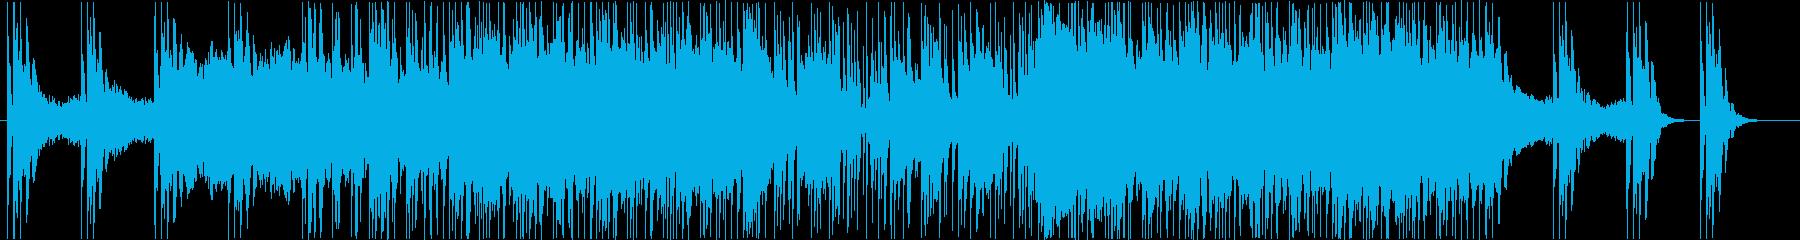 ピアノ+シンセのプログレッシブテクノの再生済みの波形